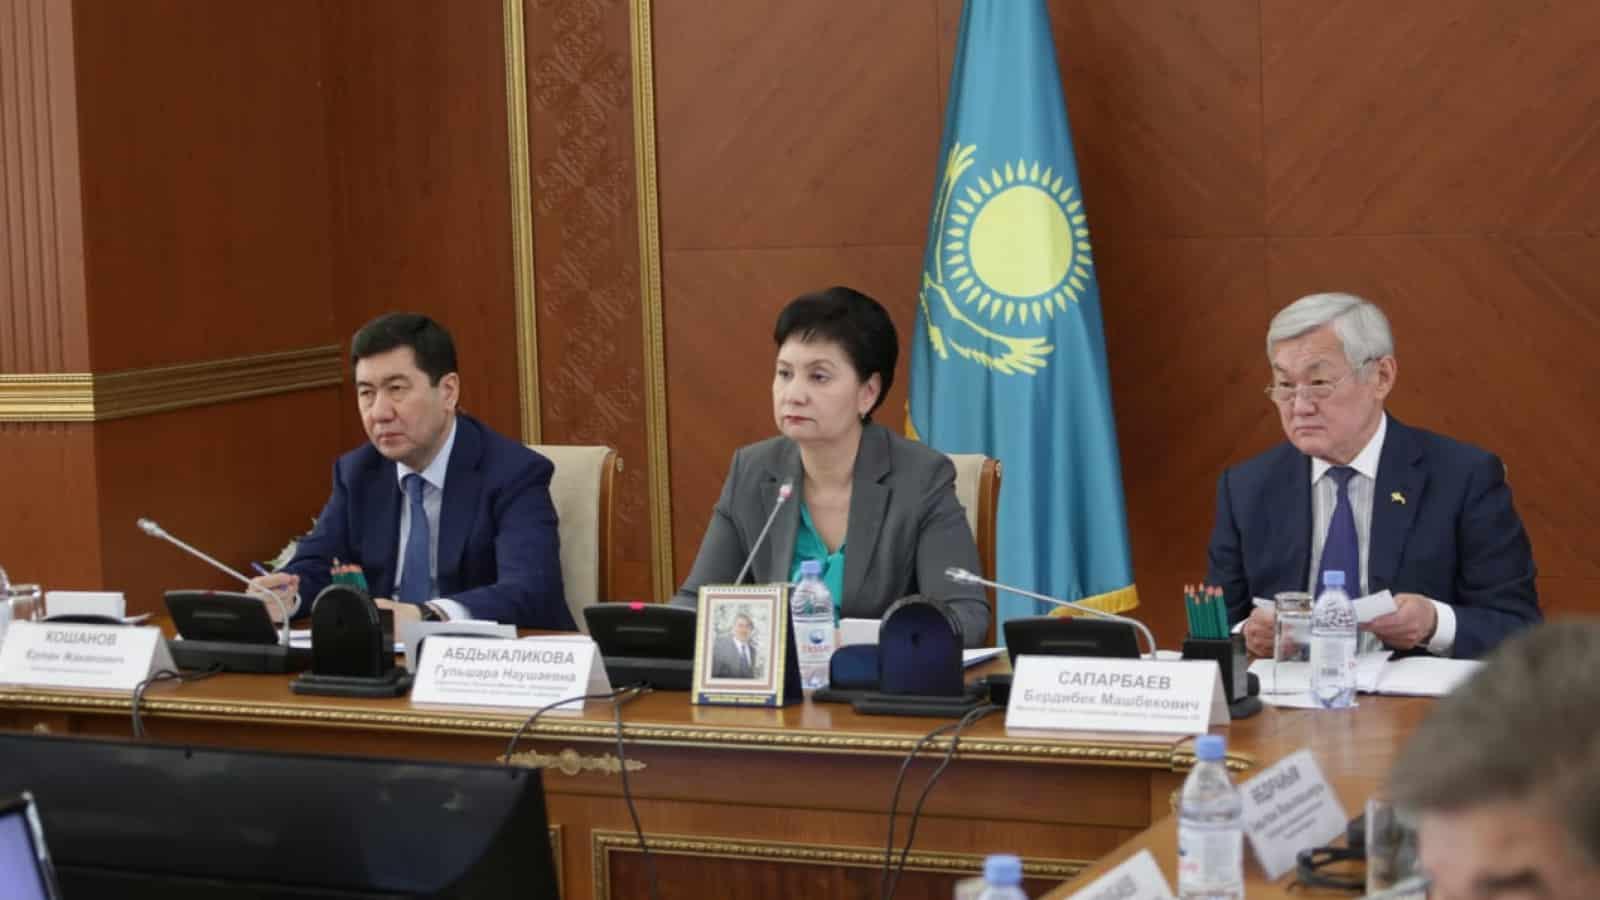 Үкіметтің Гүлшара Әбдіқалықова бастаған тобы Қарағанды облысында болды